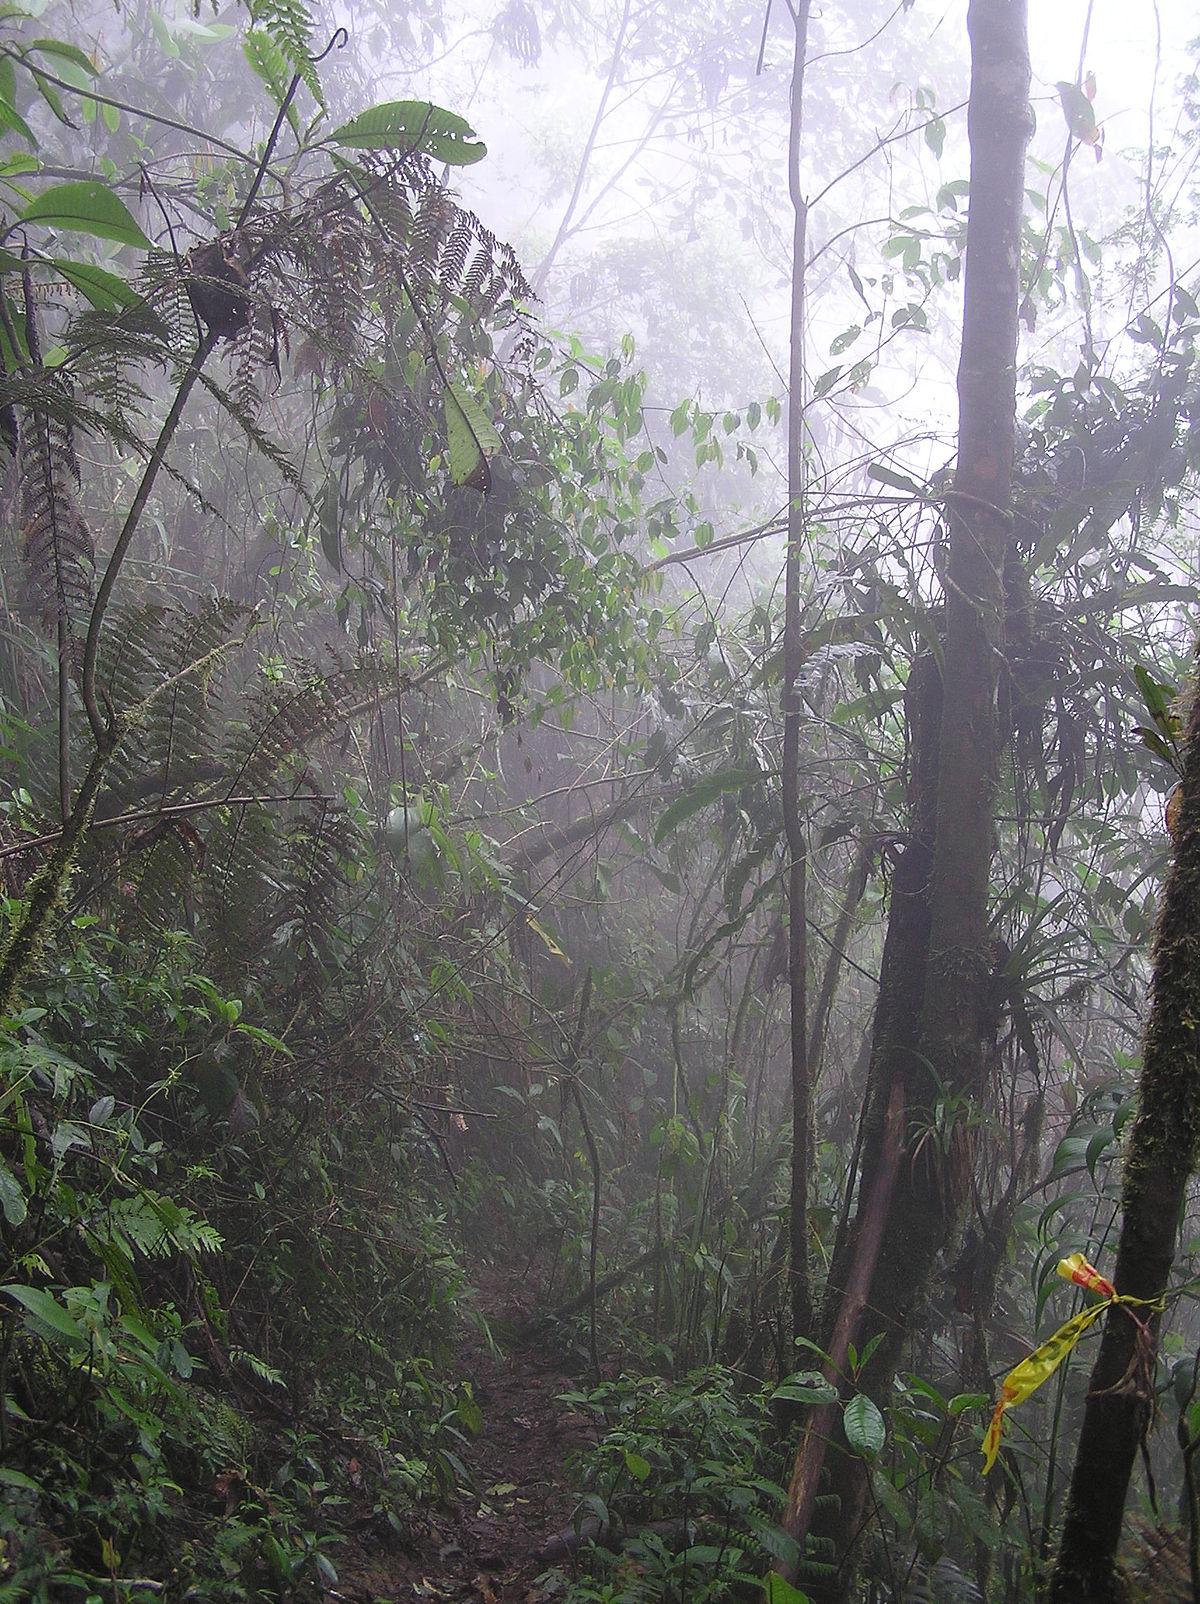 Bosque tropical del Pacífico - Wikipedia, la enciclopedia libre